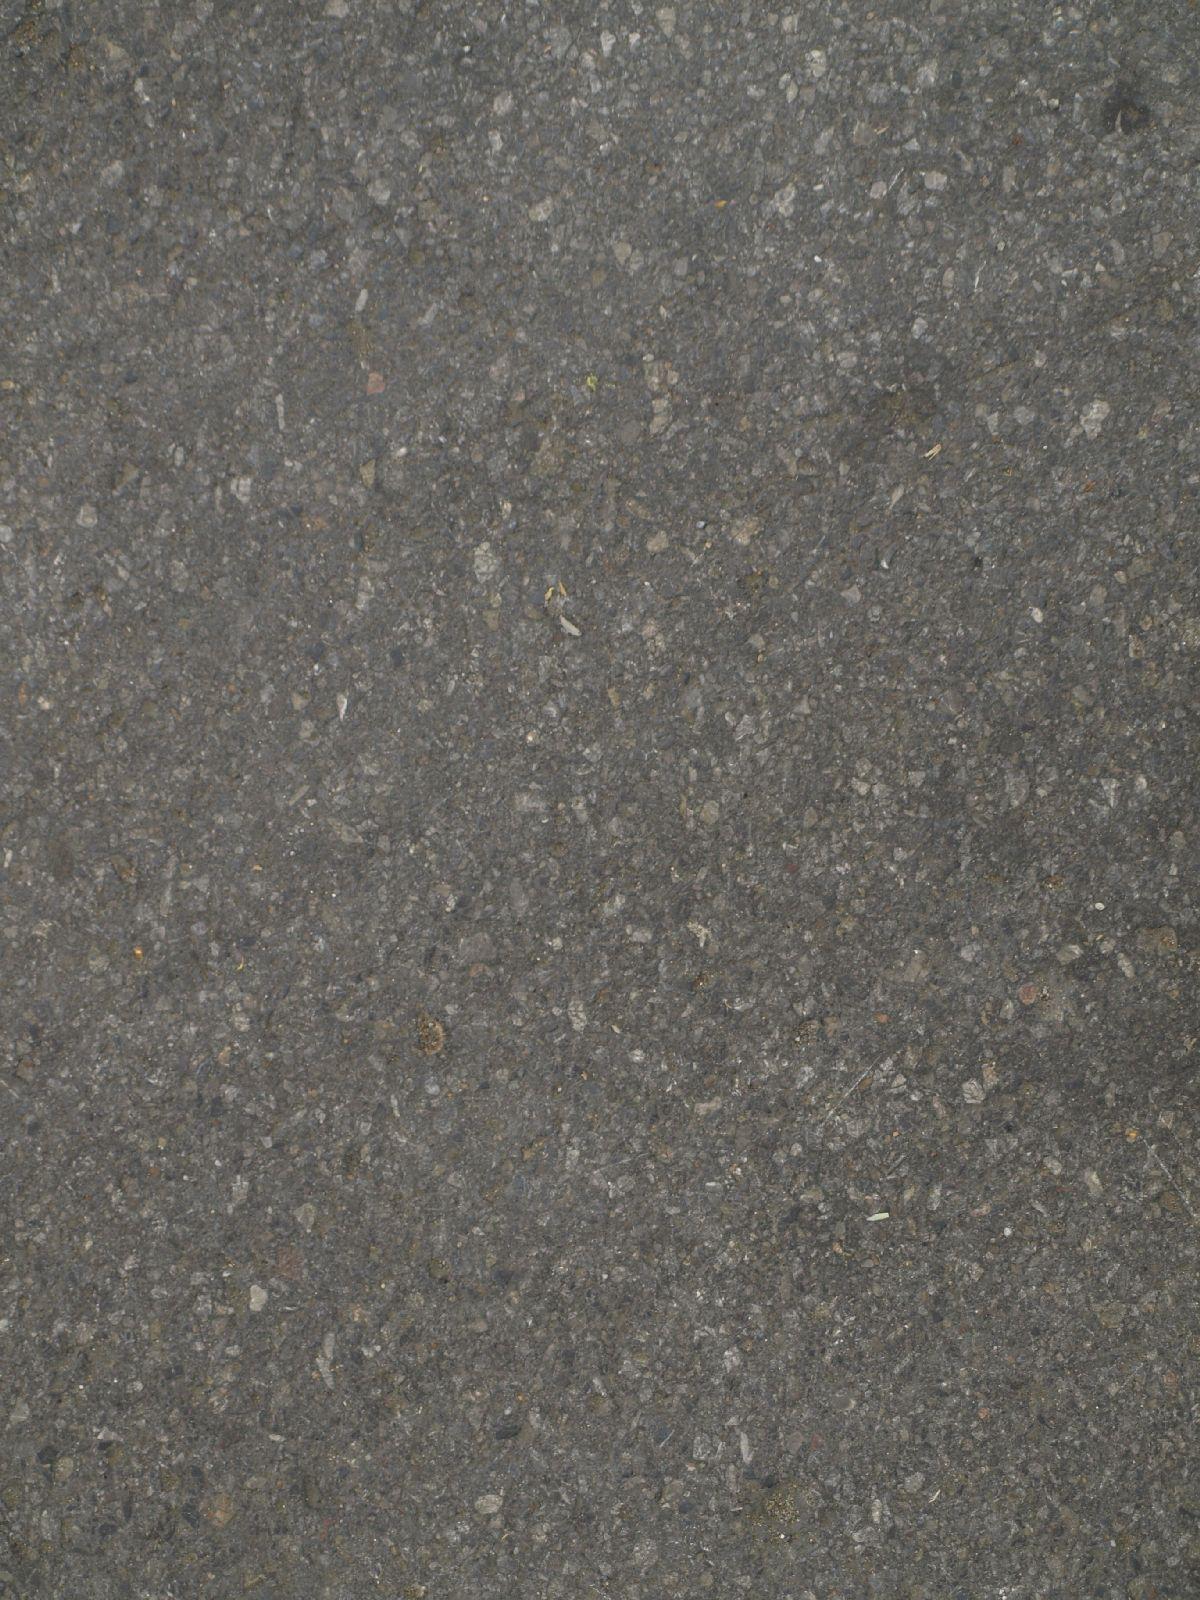 Boden-Gehweg-Strasse-Buergersteig-Textur_A_P6223677